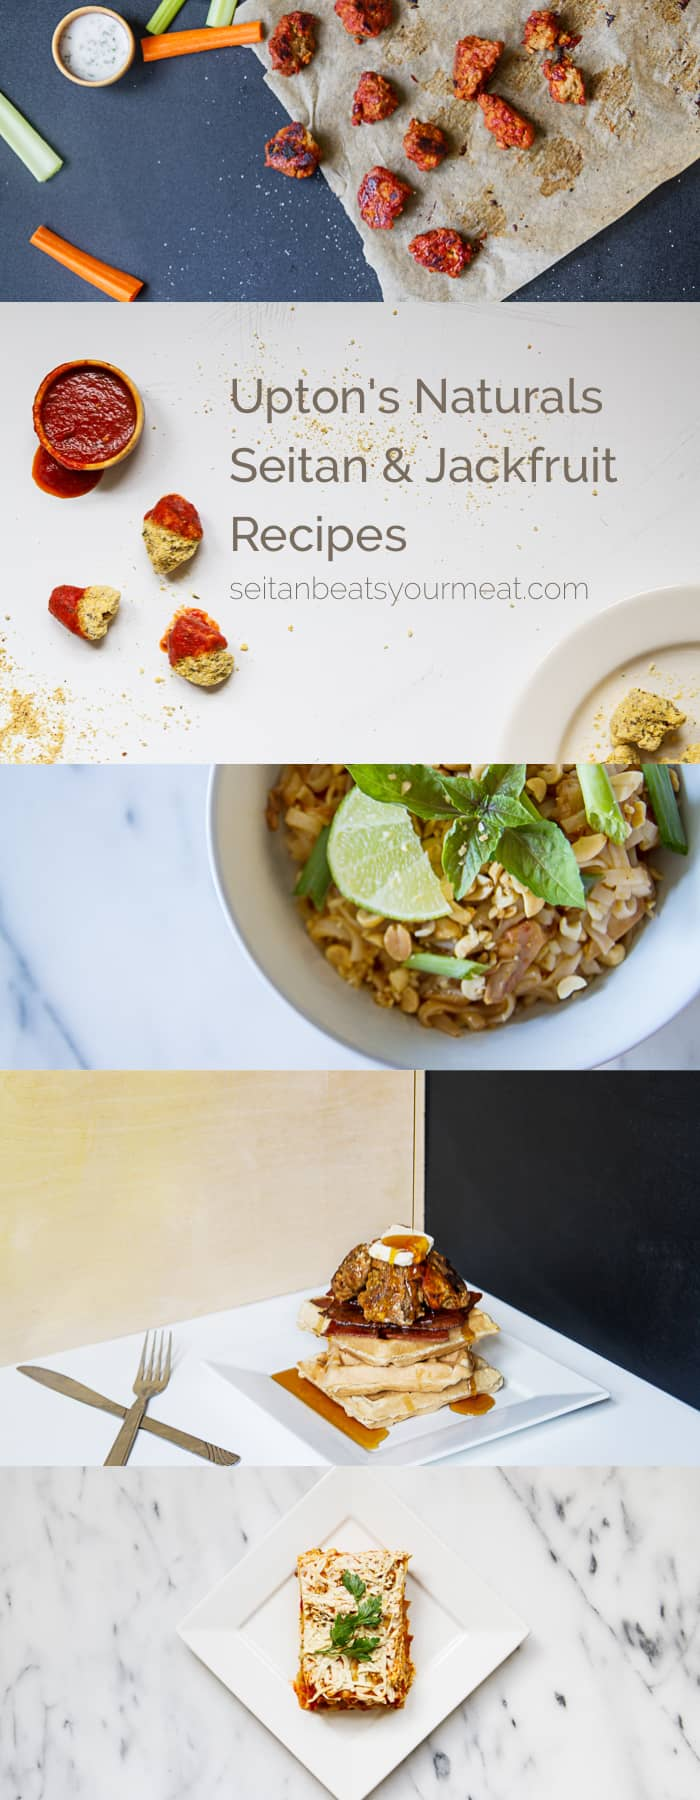 Vegan jackfruit and seitan recipes using Upton's Naturals products | Seitan Beats Your Meat